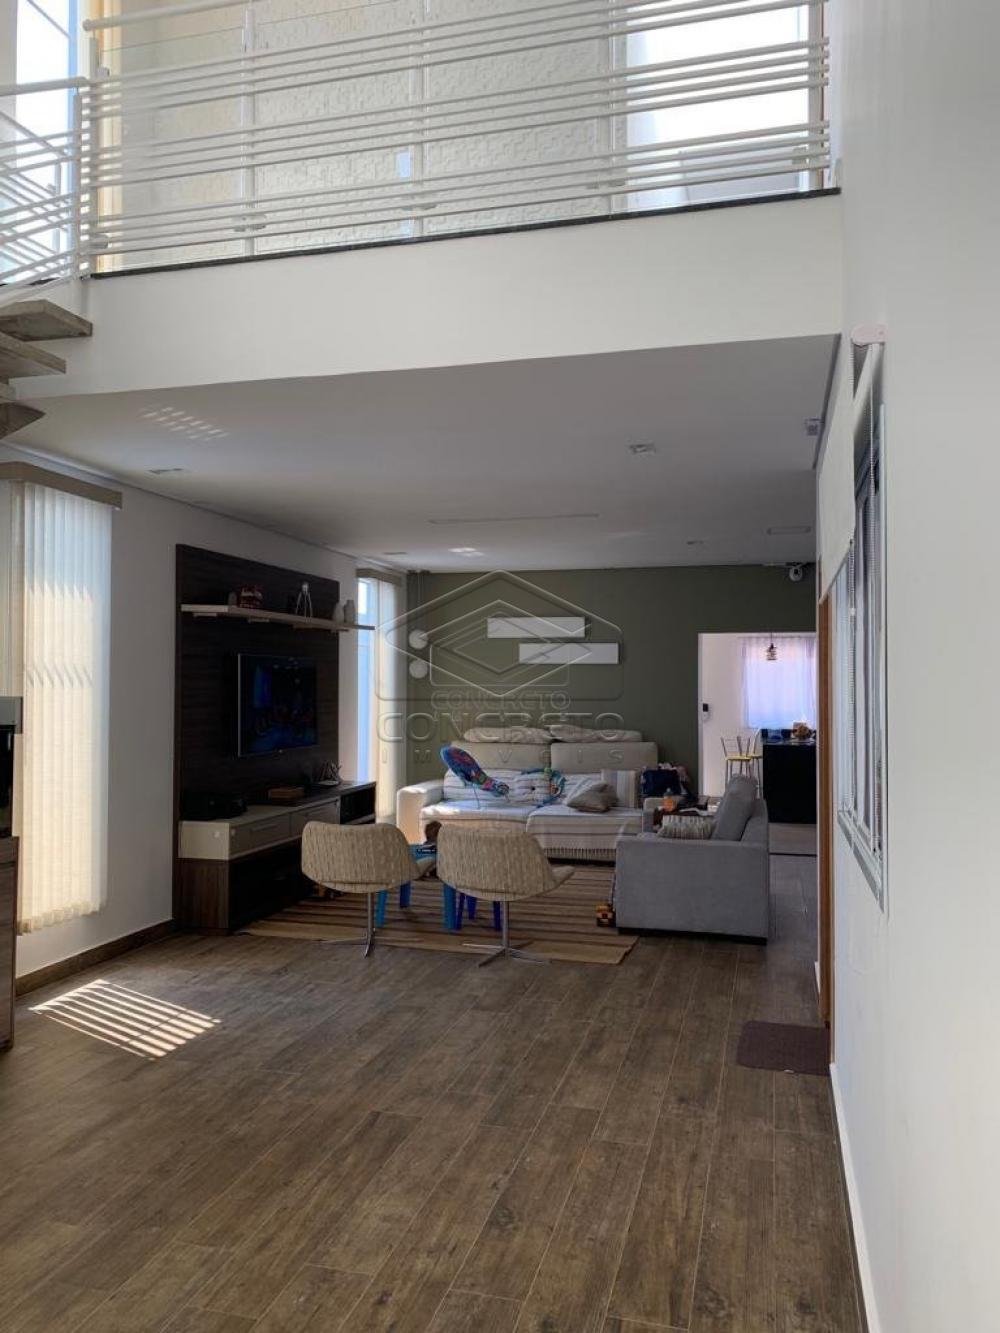 Comprar Casa / Padrão em Sao Manuel apenas R$ 650.000,00 - Foto 127